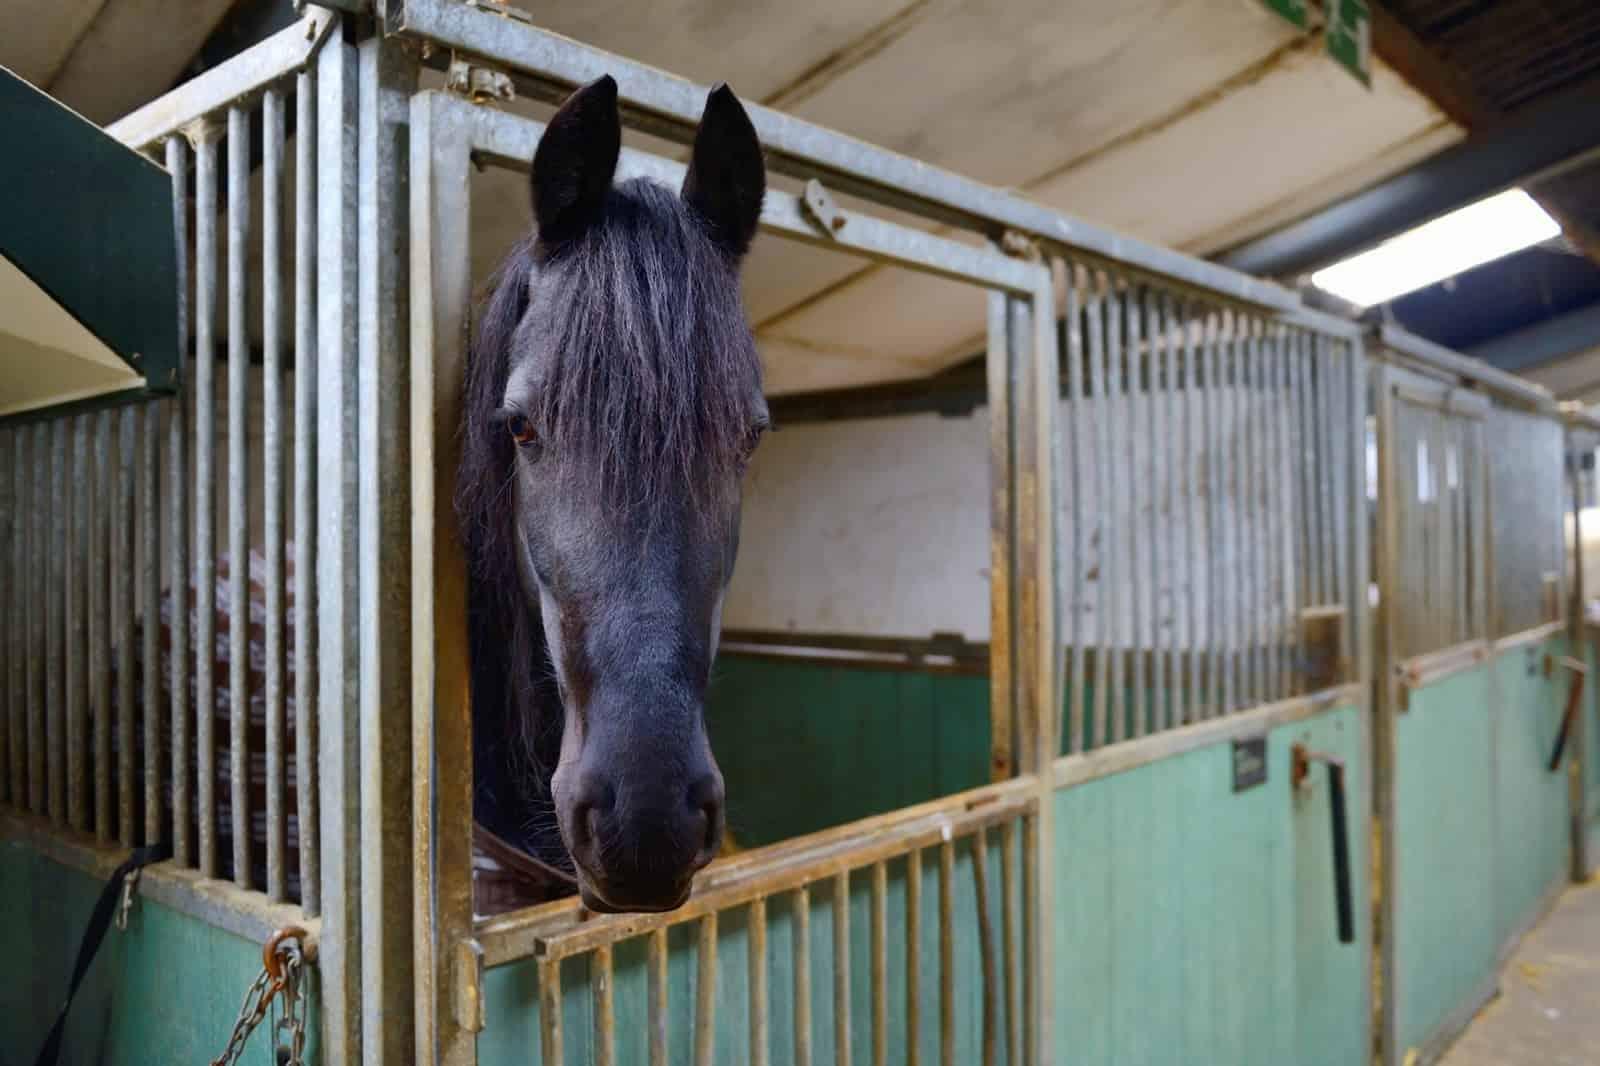 are horses optimistic or pessimistic